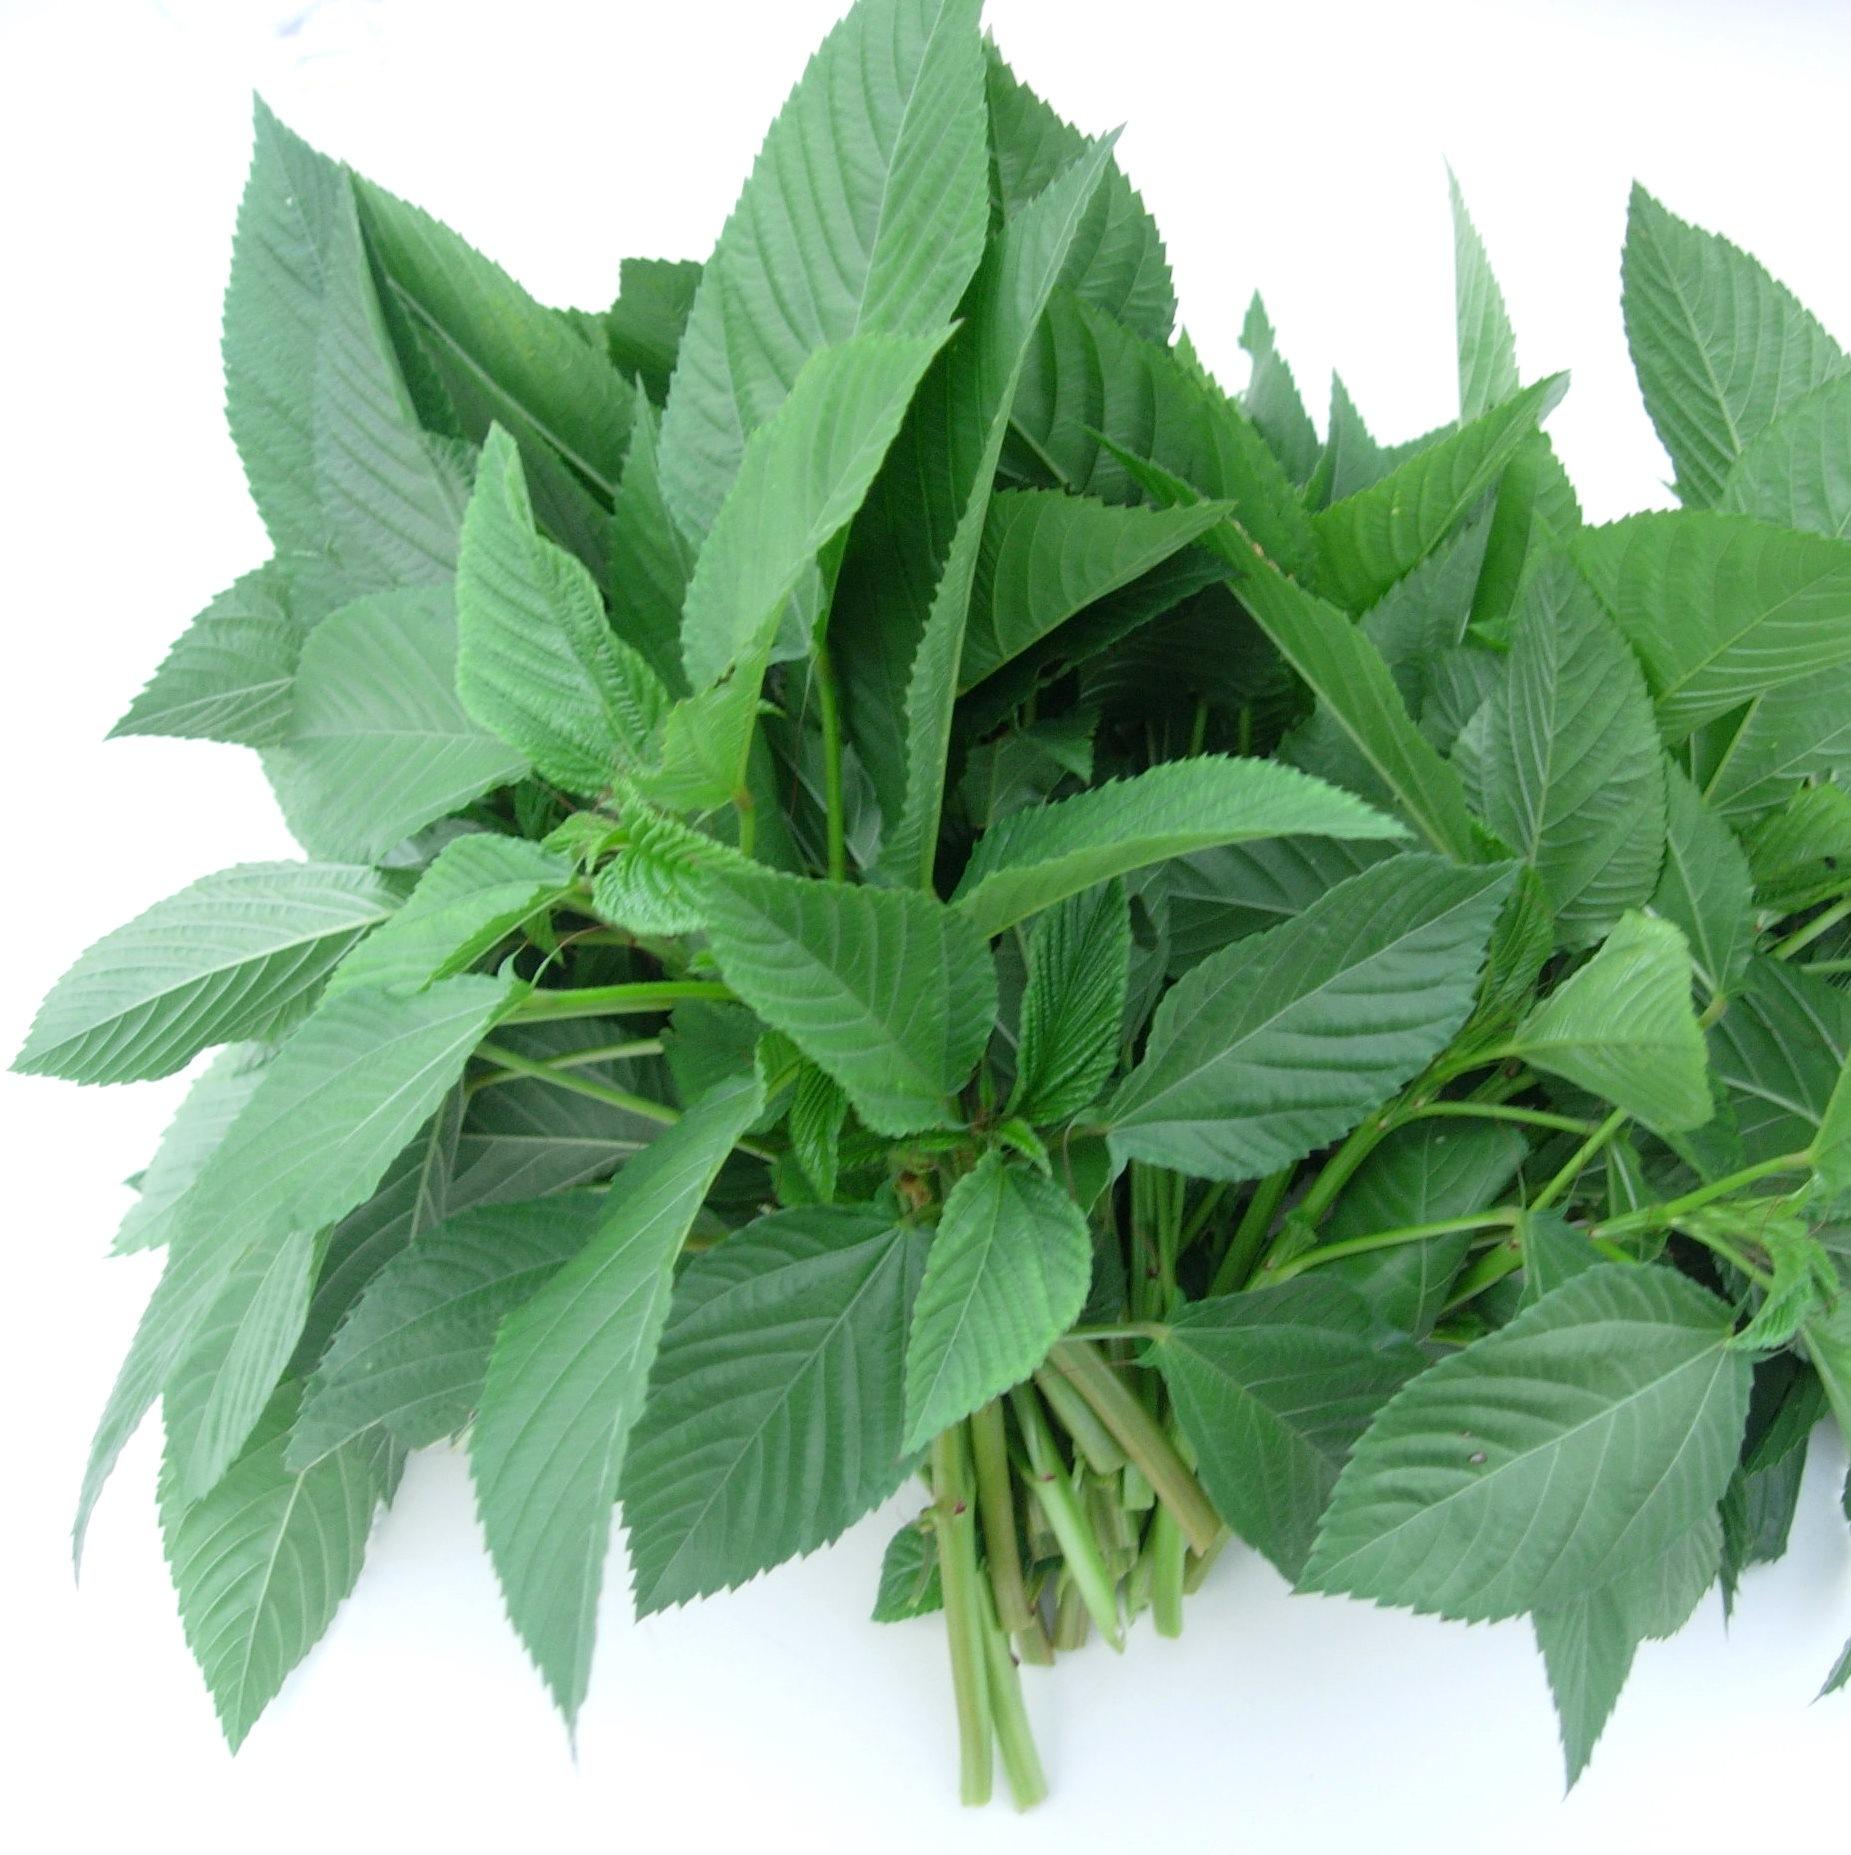 栄養価の高いモロヘイヤde夏バテ防止!スタミナ抜群のおすすめレシピのサムネイル画像